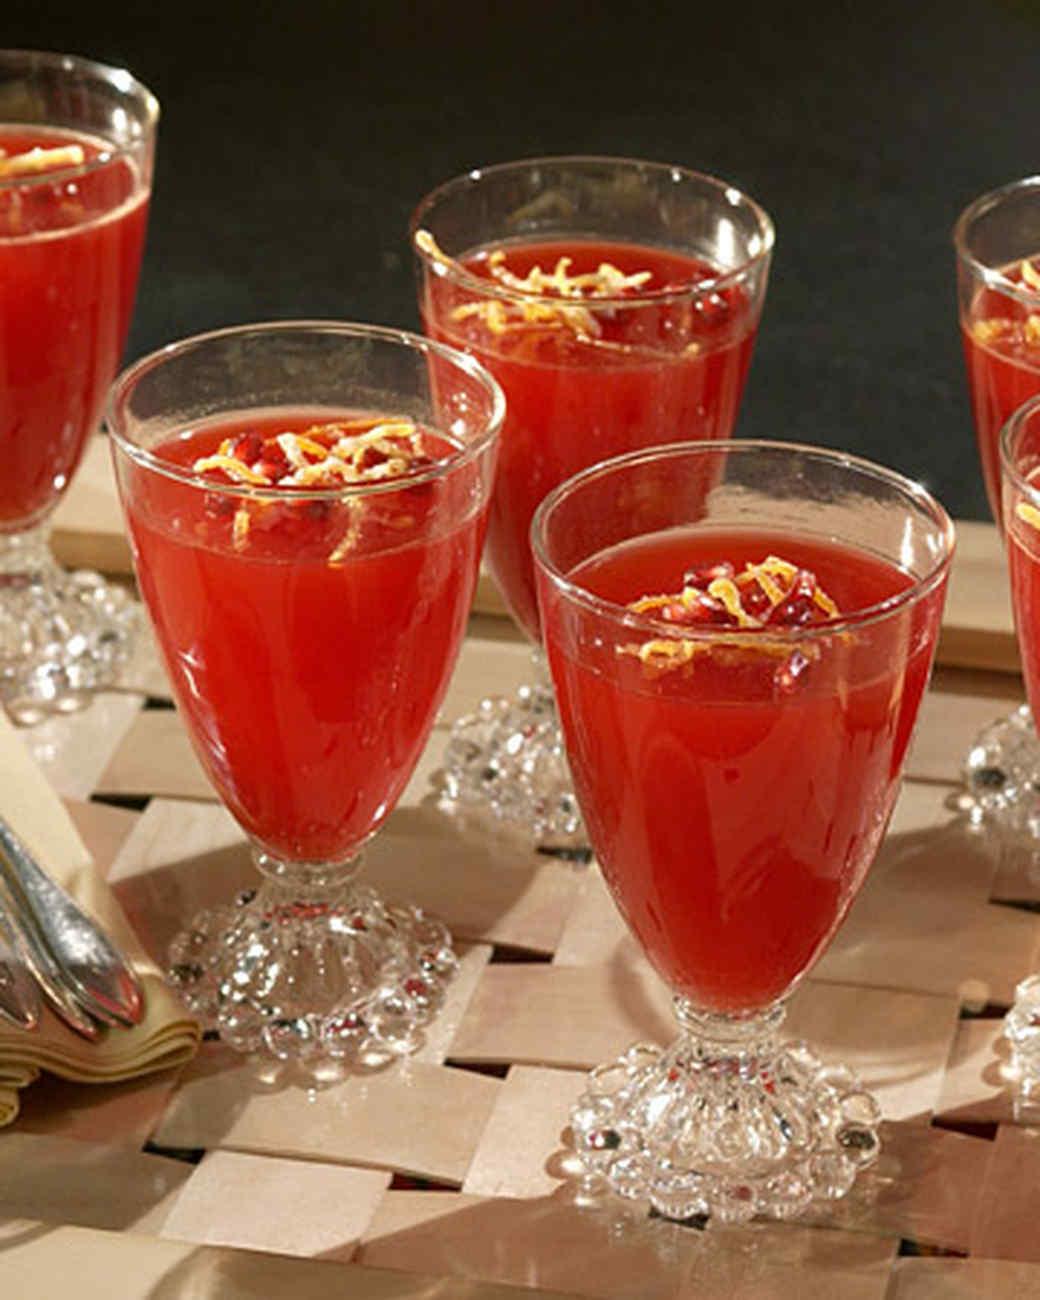 Blood Orange Gelatin